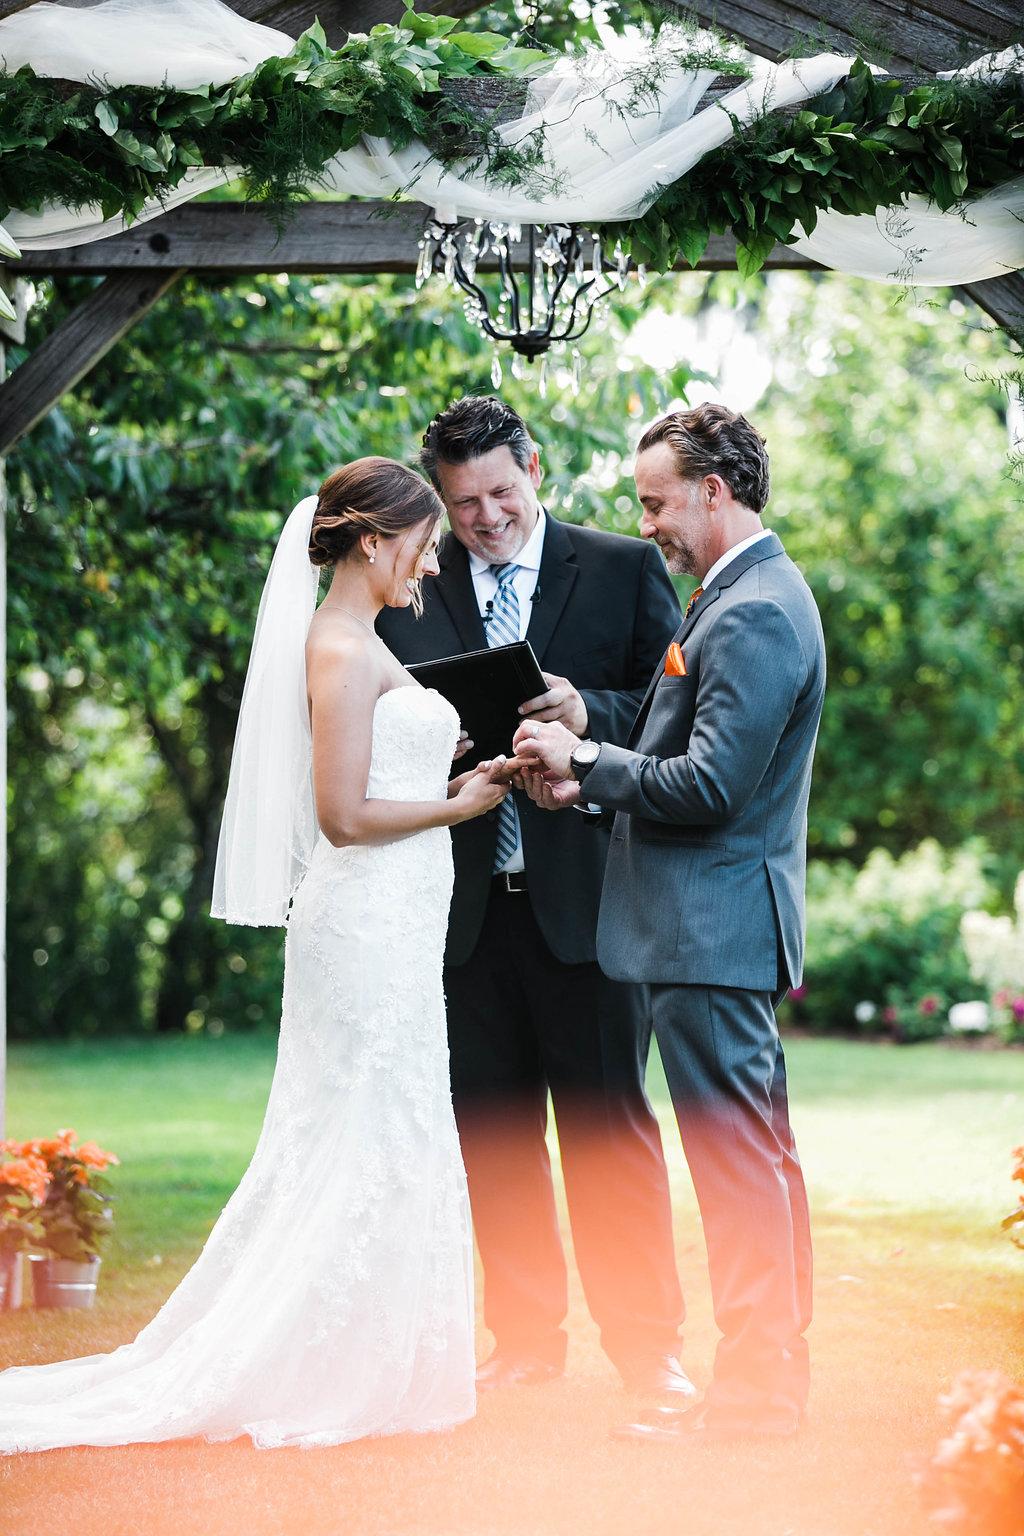 Erin+Tyson_The_Kelley_Farm_Wedding_by_Adina_Preston_Weddings_684.JPG